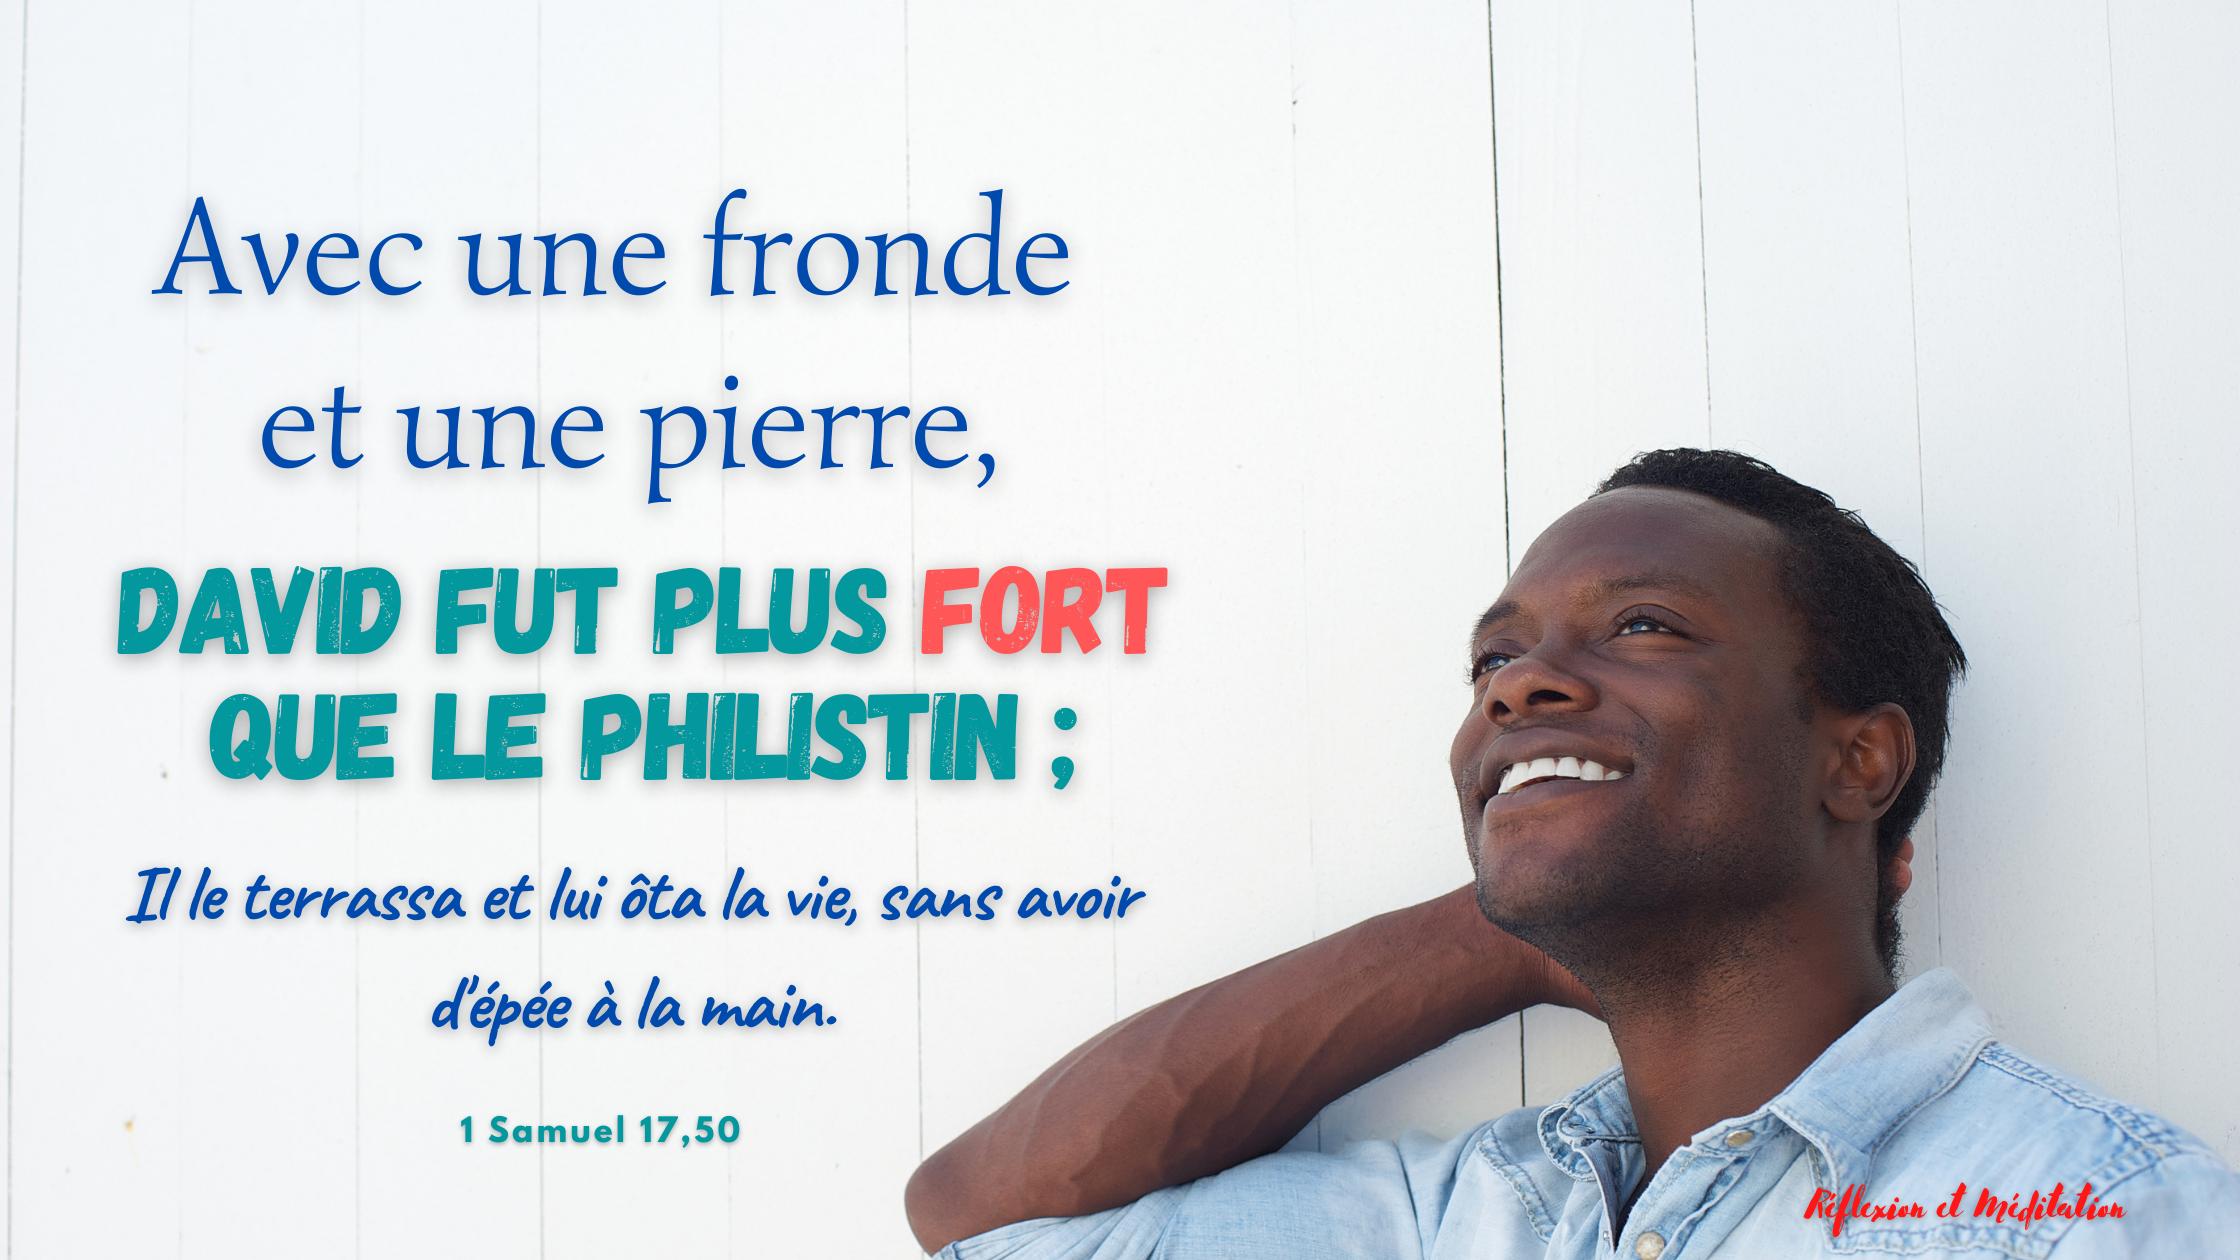 Avec une fronde et une pierre, David fut plus fort que le Philistin - 1 Samuel 17,50